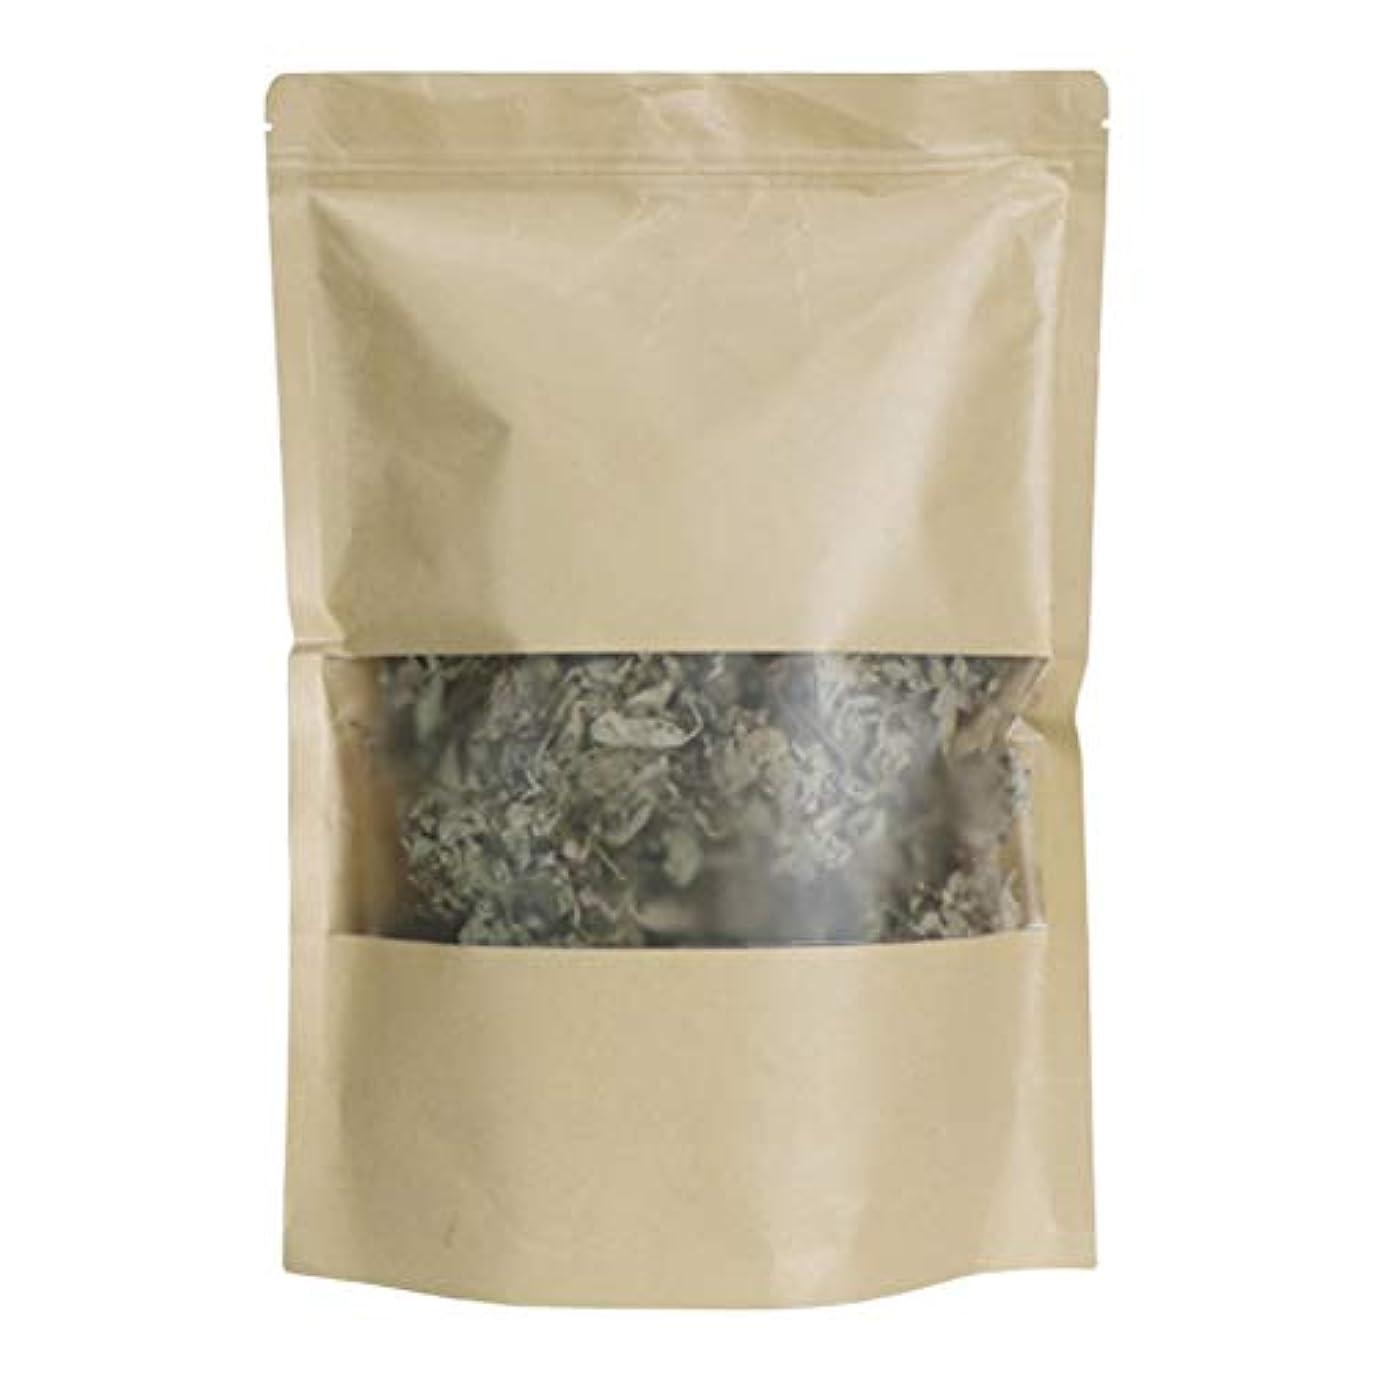 うなるパネルうつVosarea 1パック足風呂ハーブ漢方うめウッドフットバッグソークストレスリリーフ500g